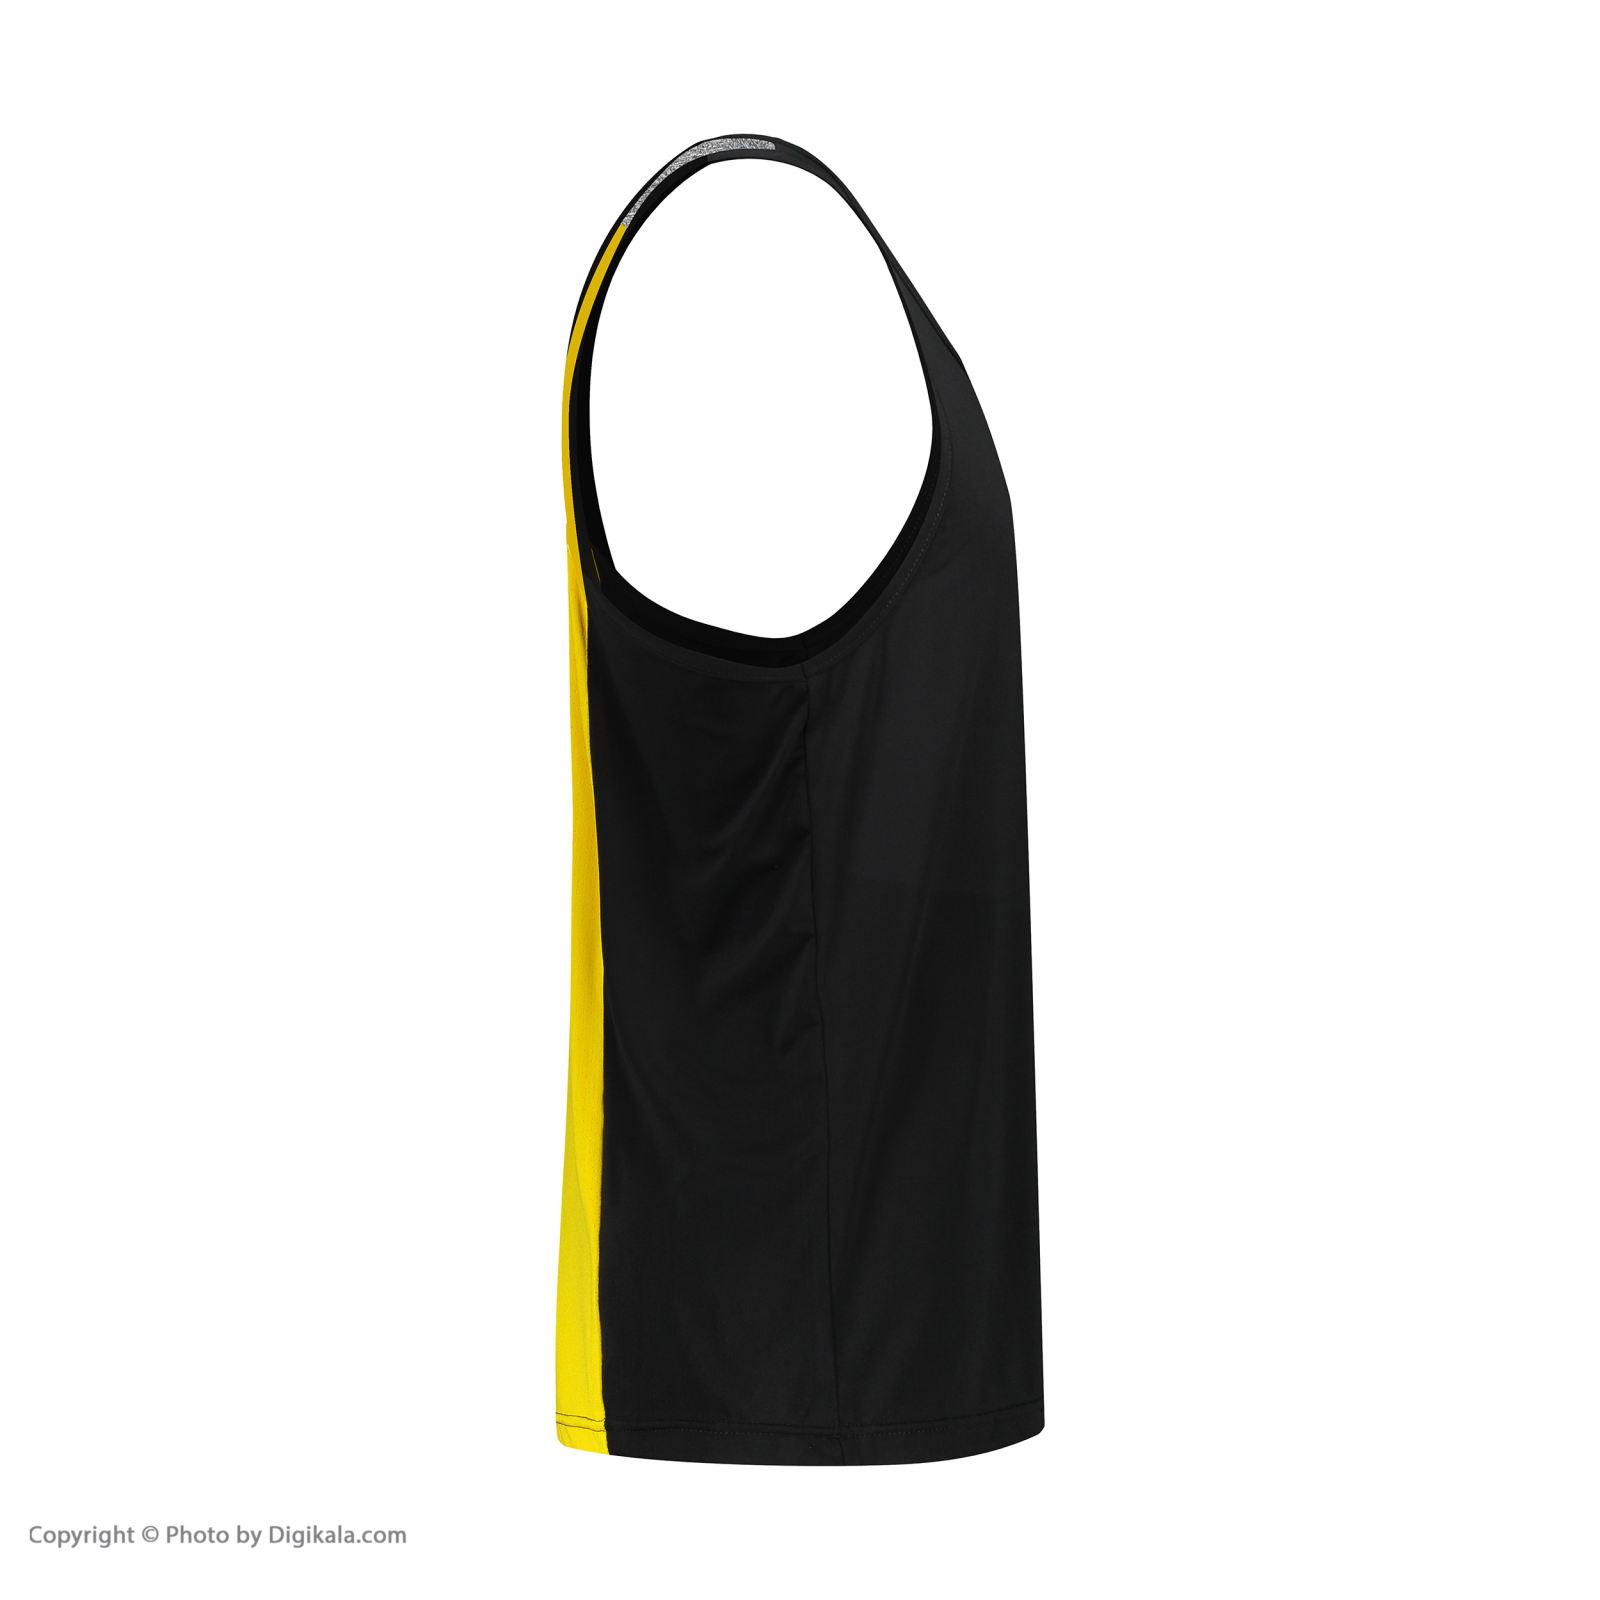 تاپ ورزشی مردانه استارت مدل r1001-2 -  - 3